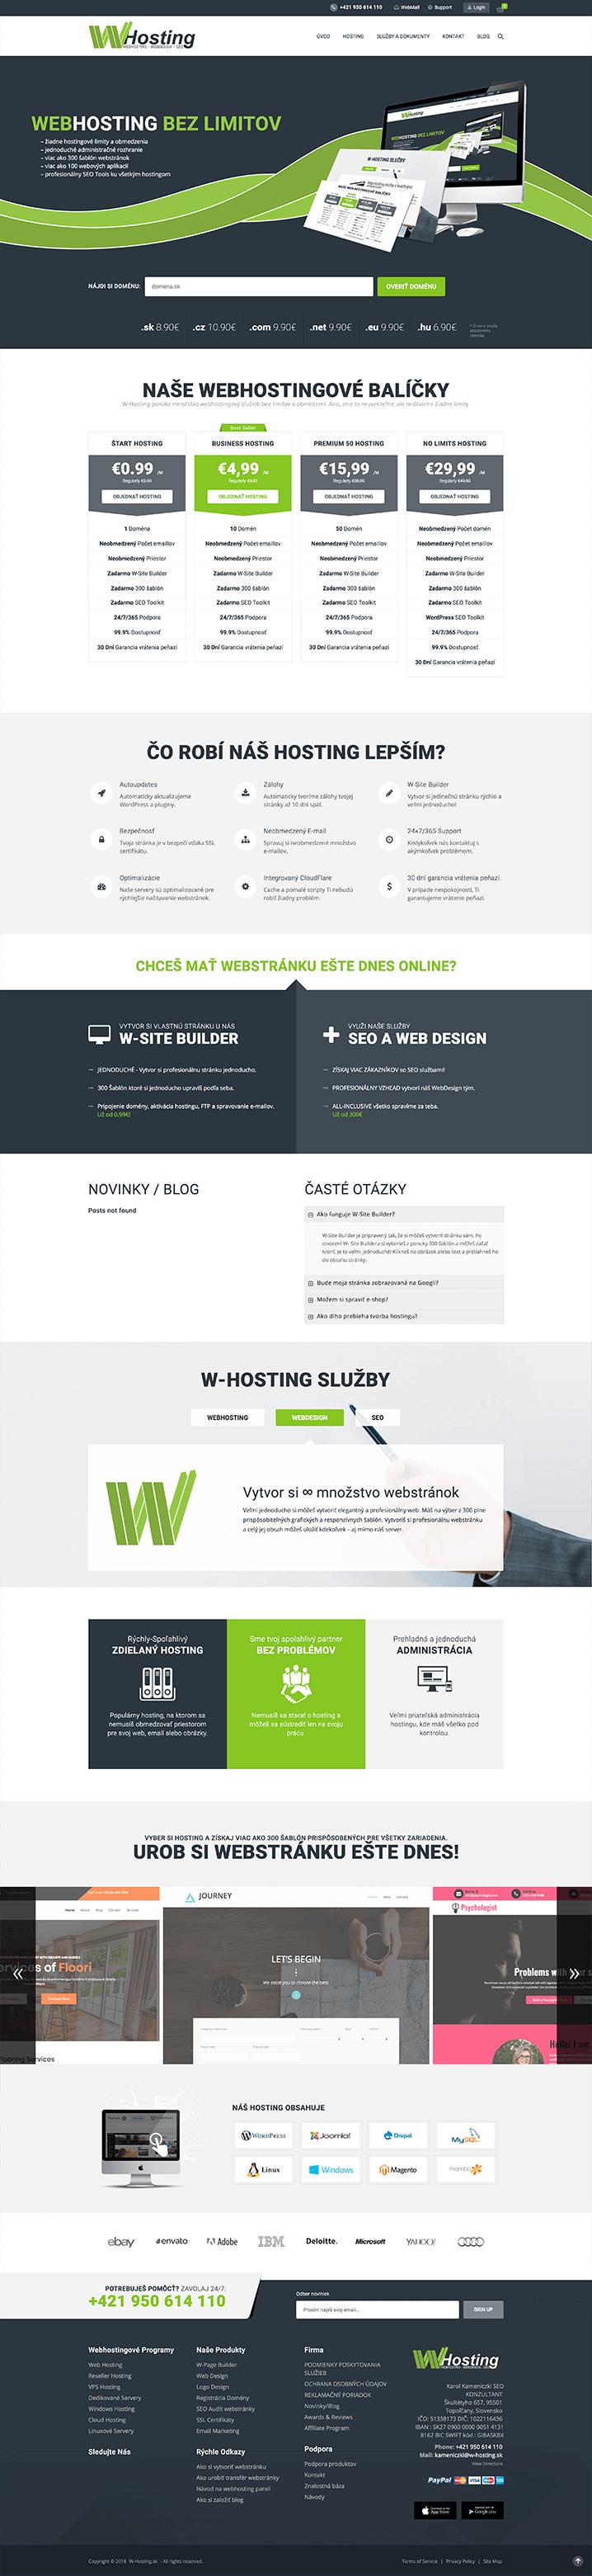 whosting_index